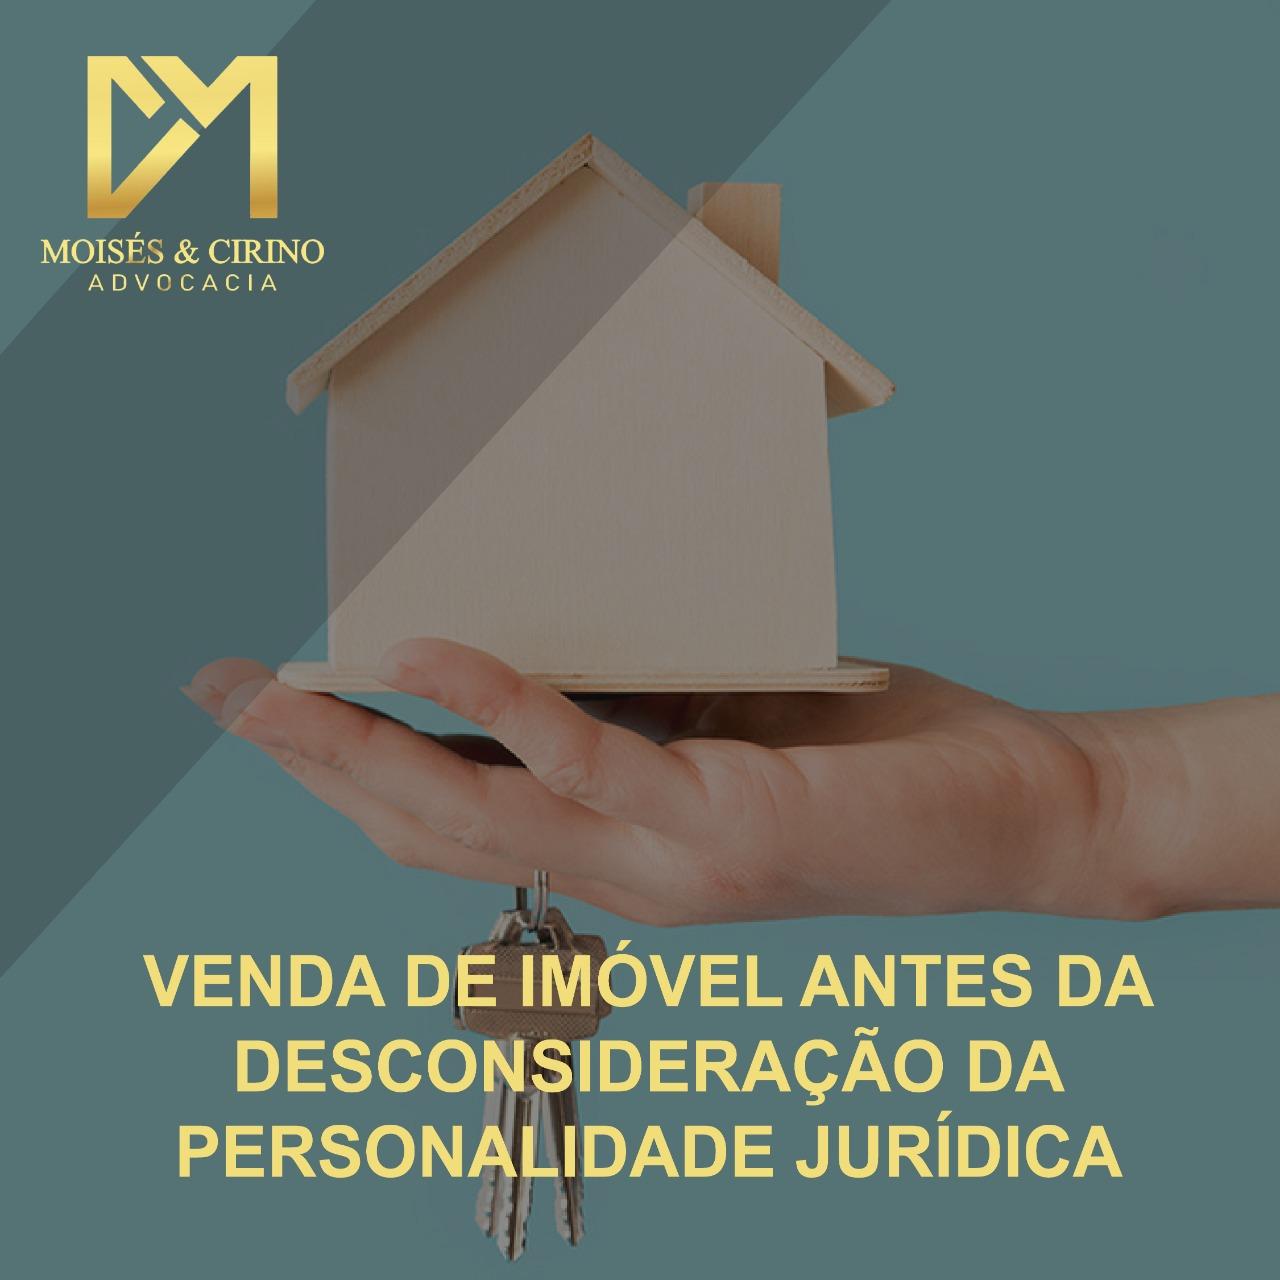 STJ: VENDA DE IMÓVEL ANTES DA DESCONSIDERAÇÃO DA PERSONALIDADE JURÍDICA